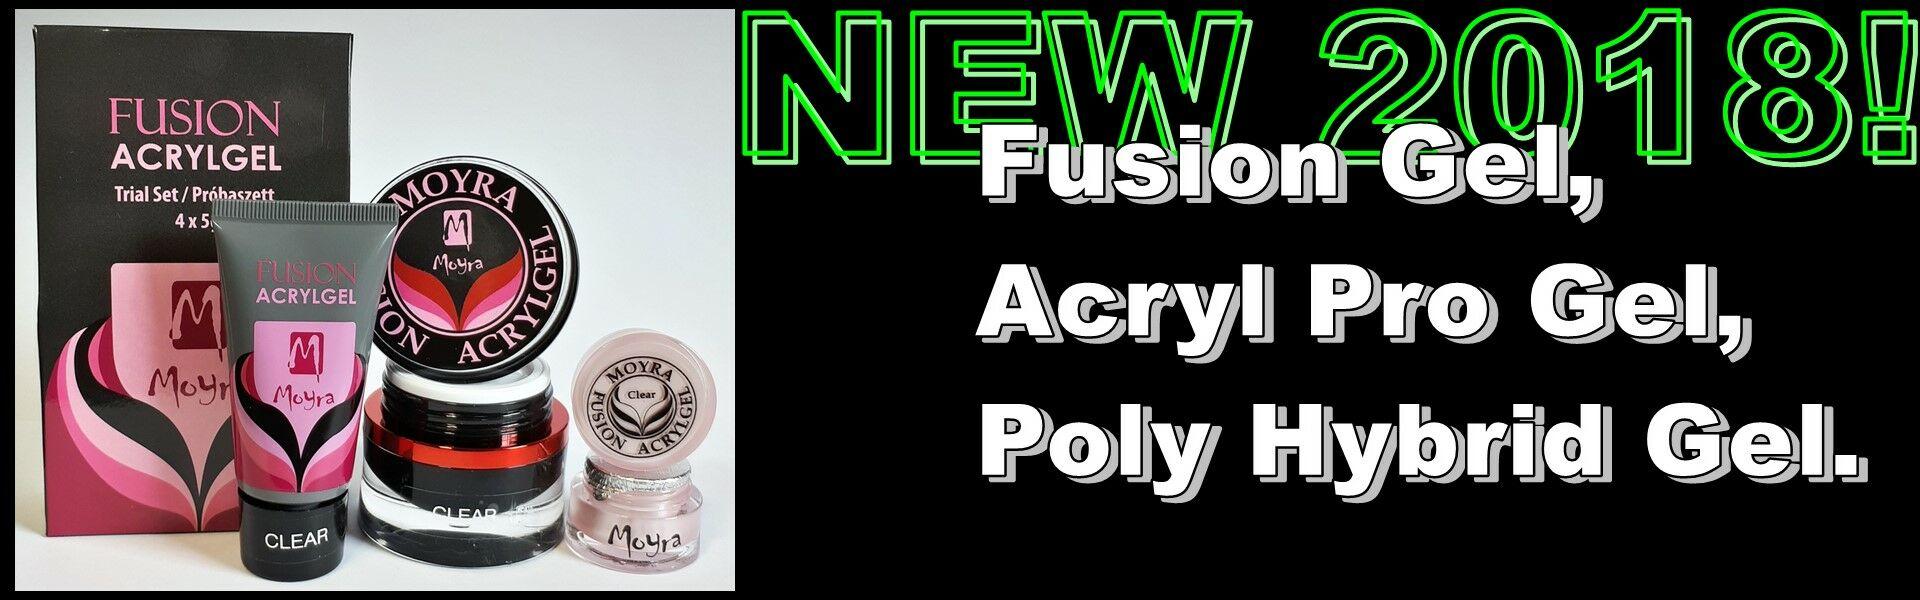 Fusion gel,extreme gel,flexy polygel,acrylprogel